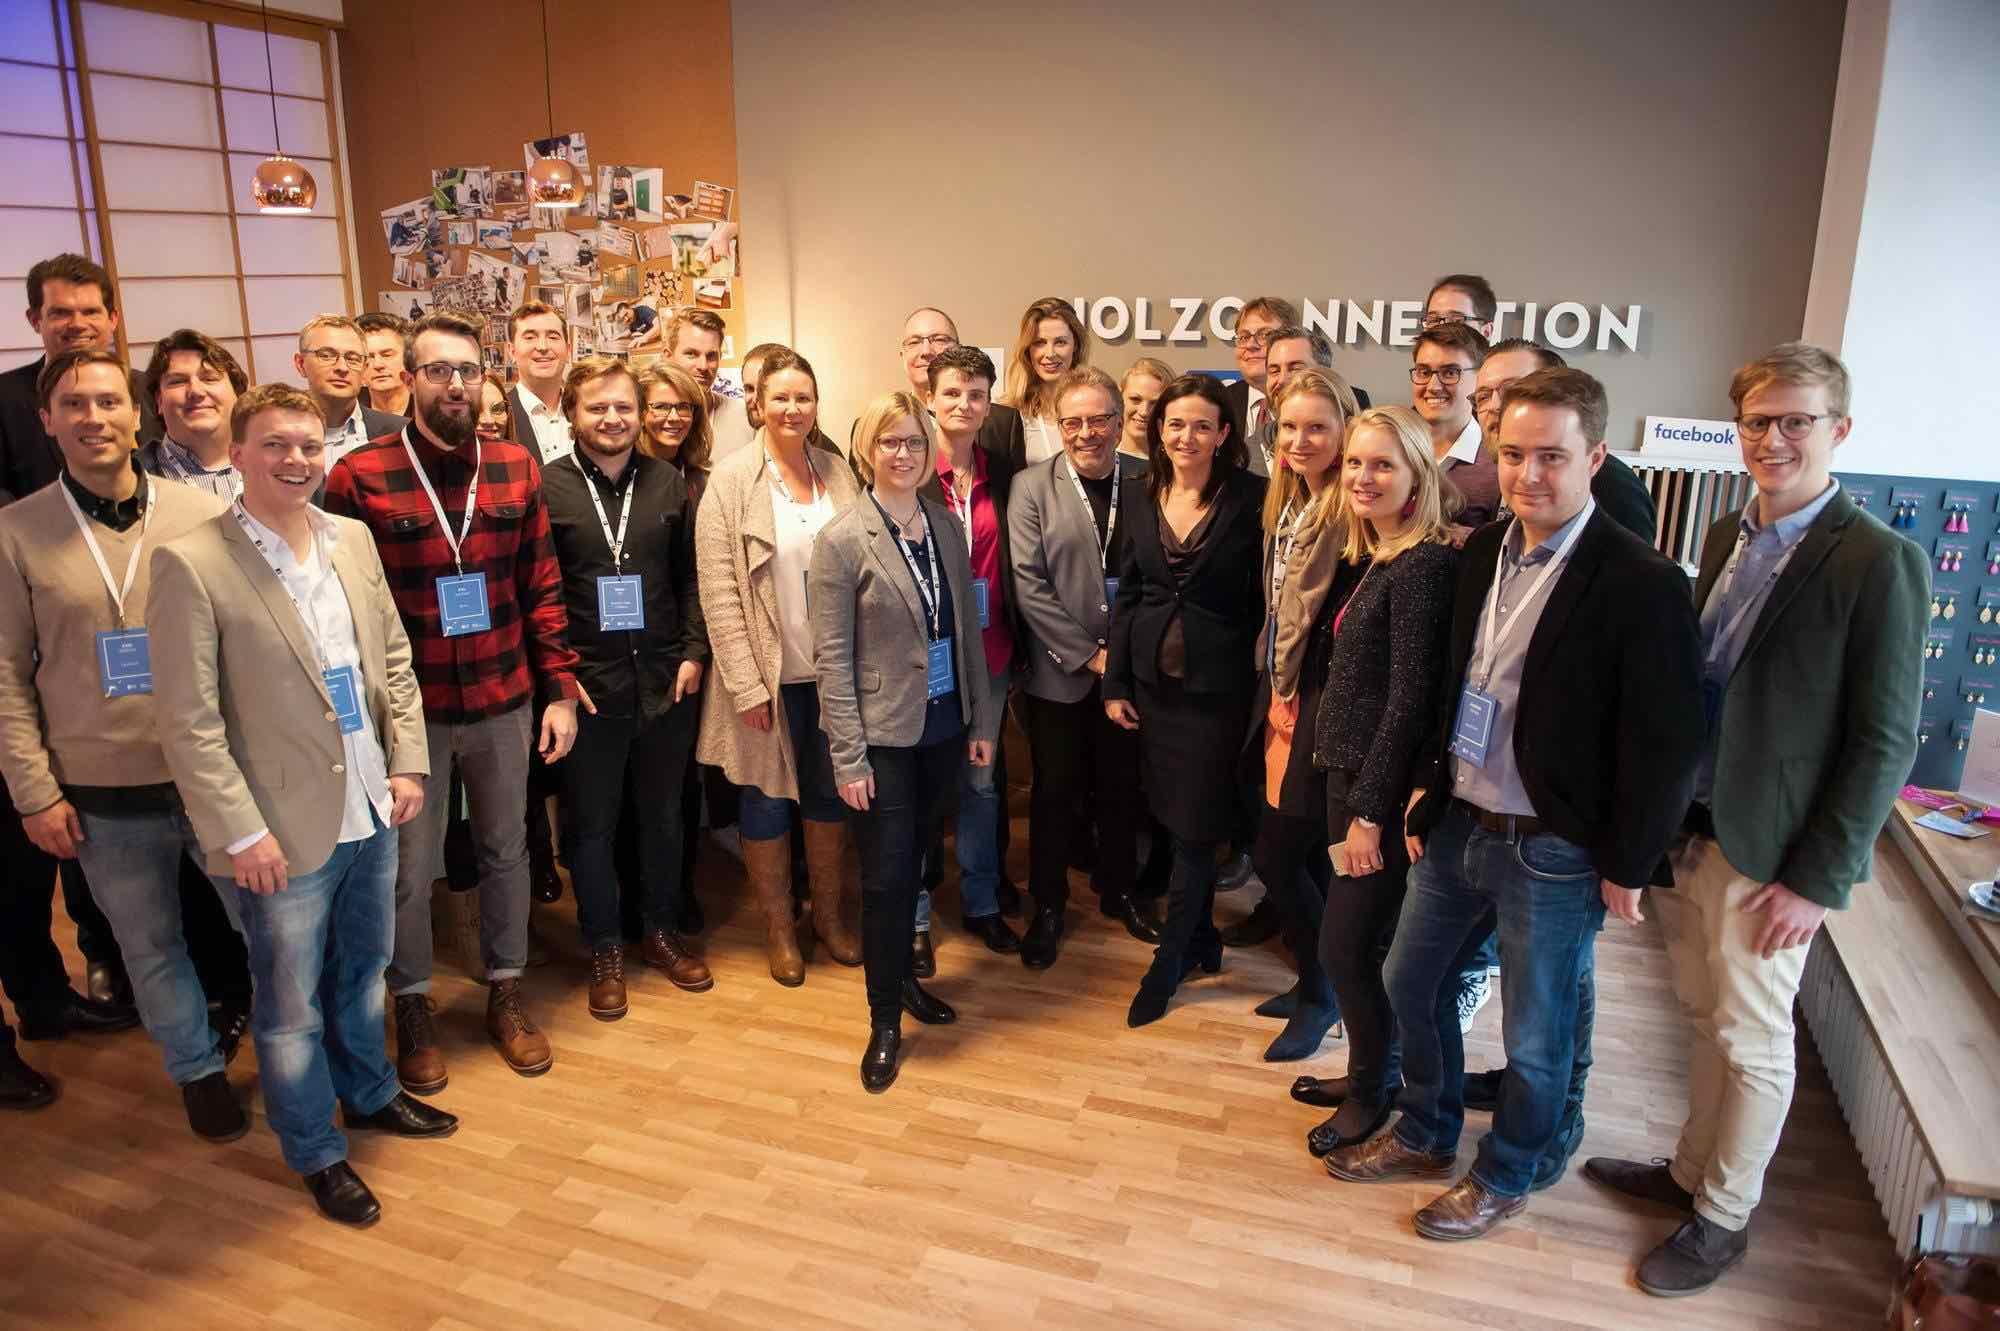 OPT_Founders_Gruender_Geschichten_GastroHero_Bild4